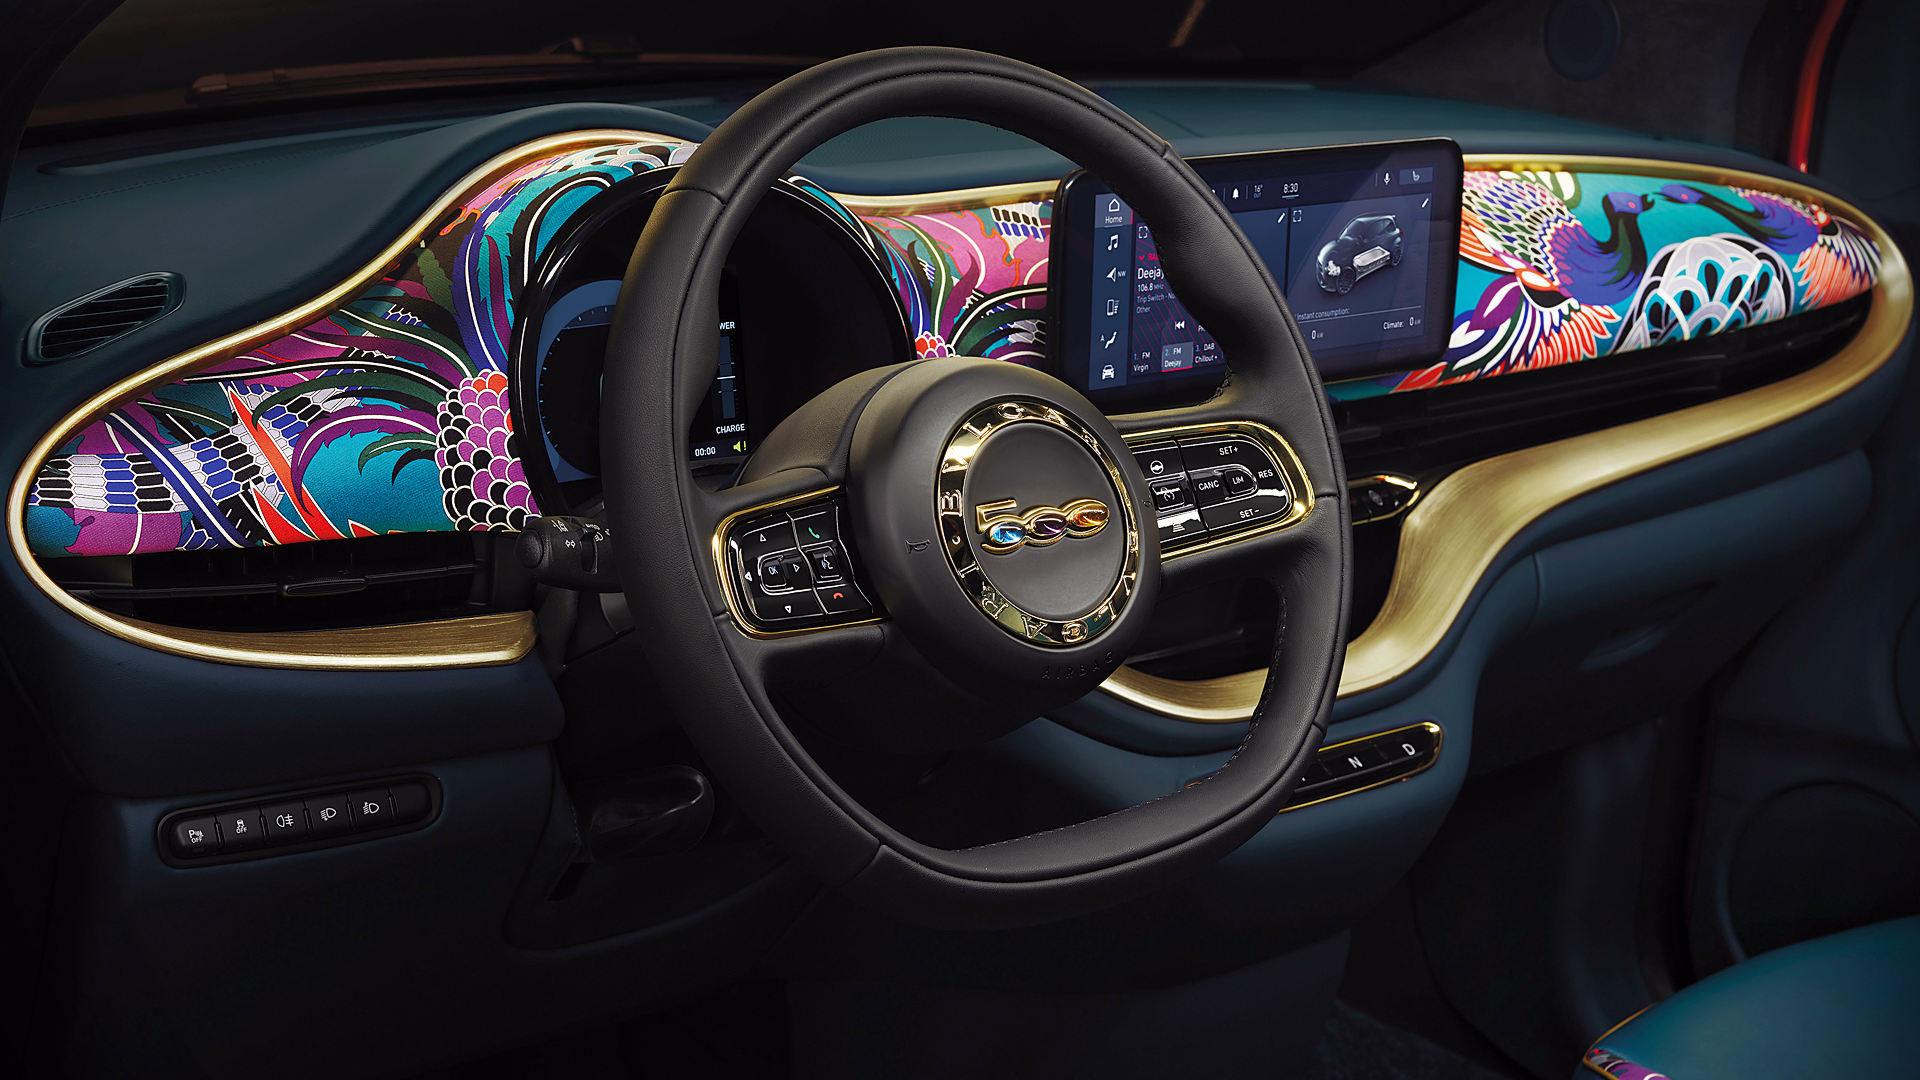 Fiat 500 Mai Troppo 2021 Interior Wallpaper